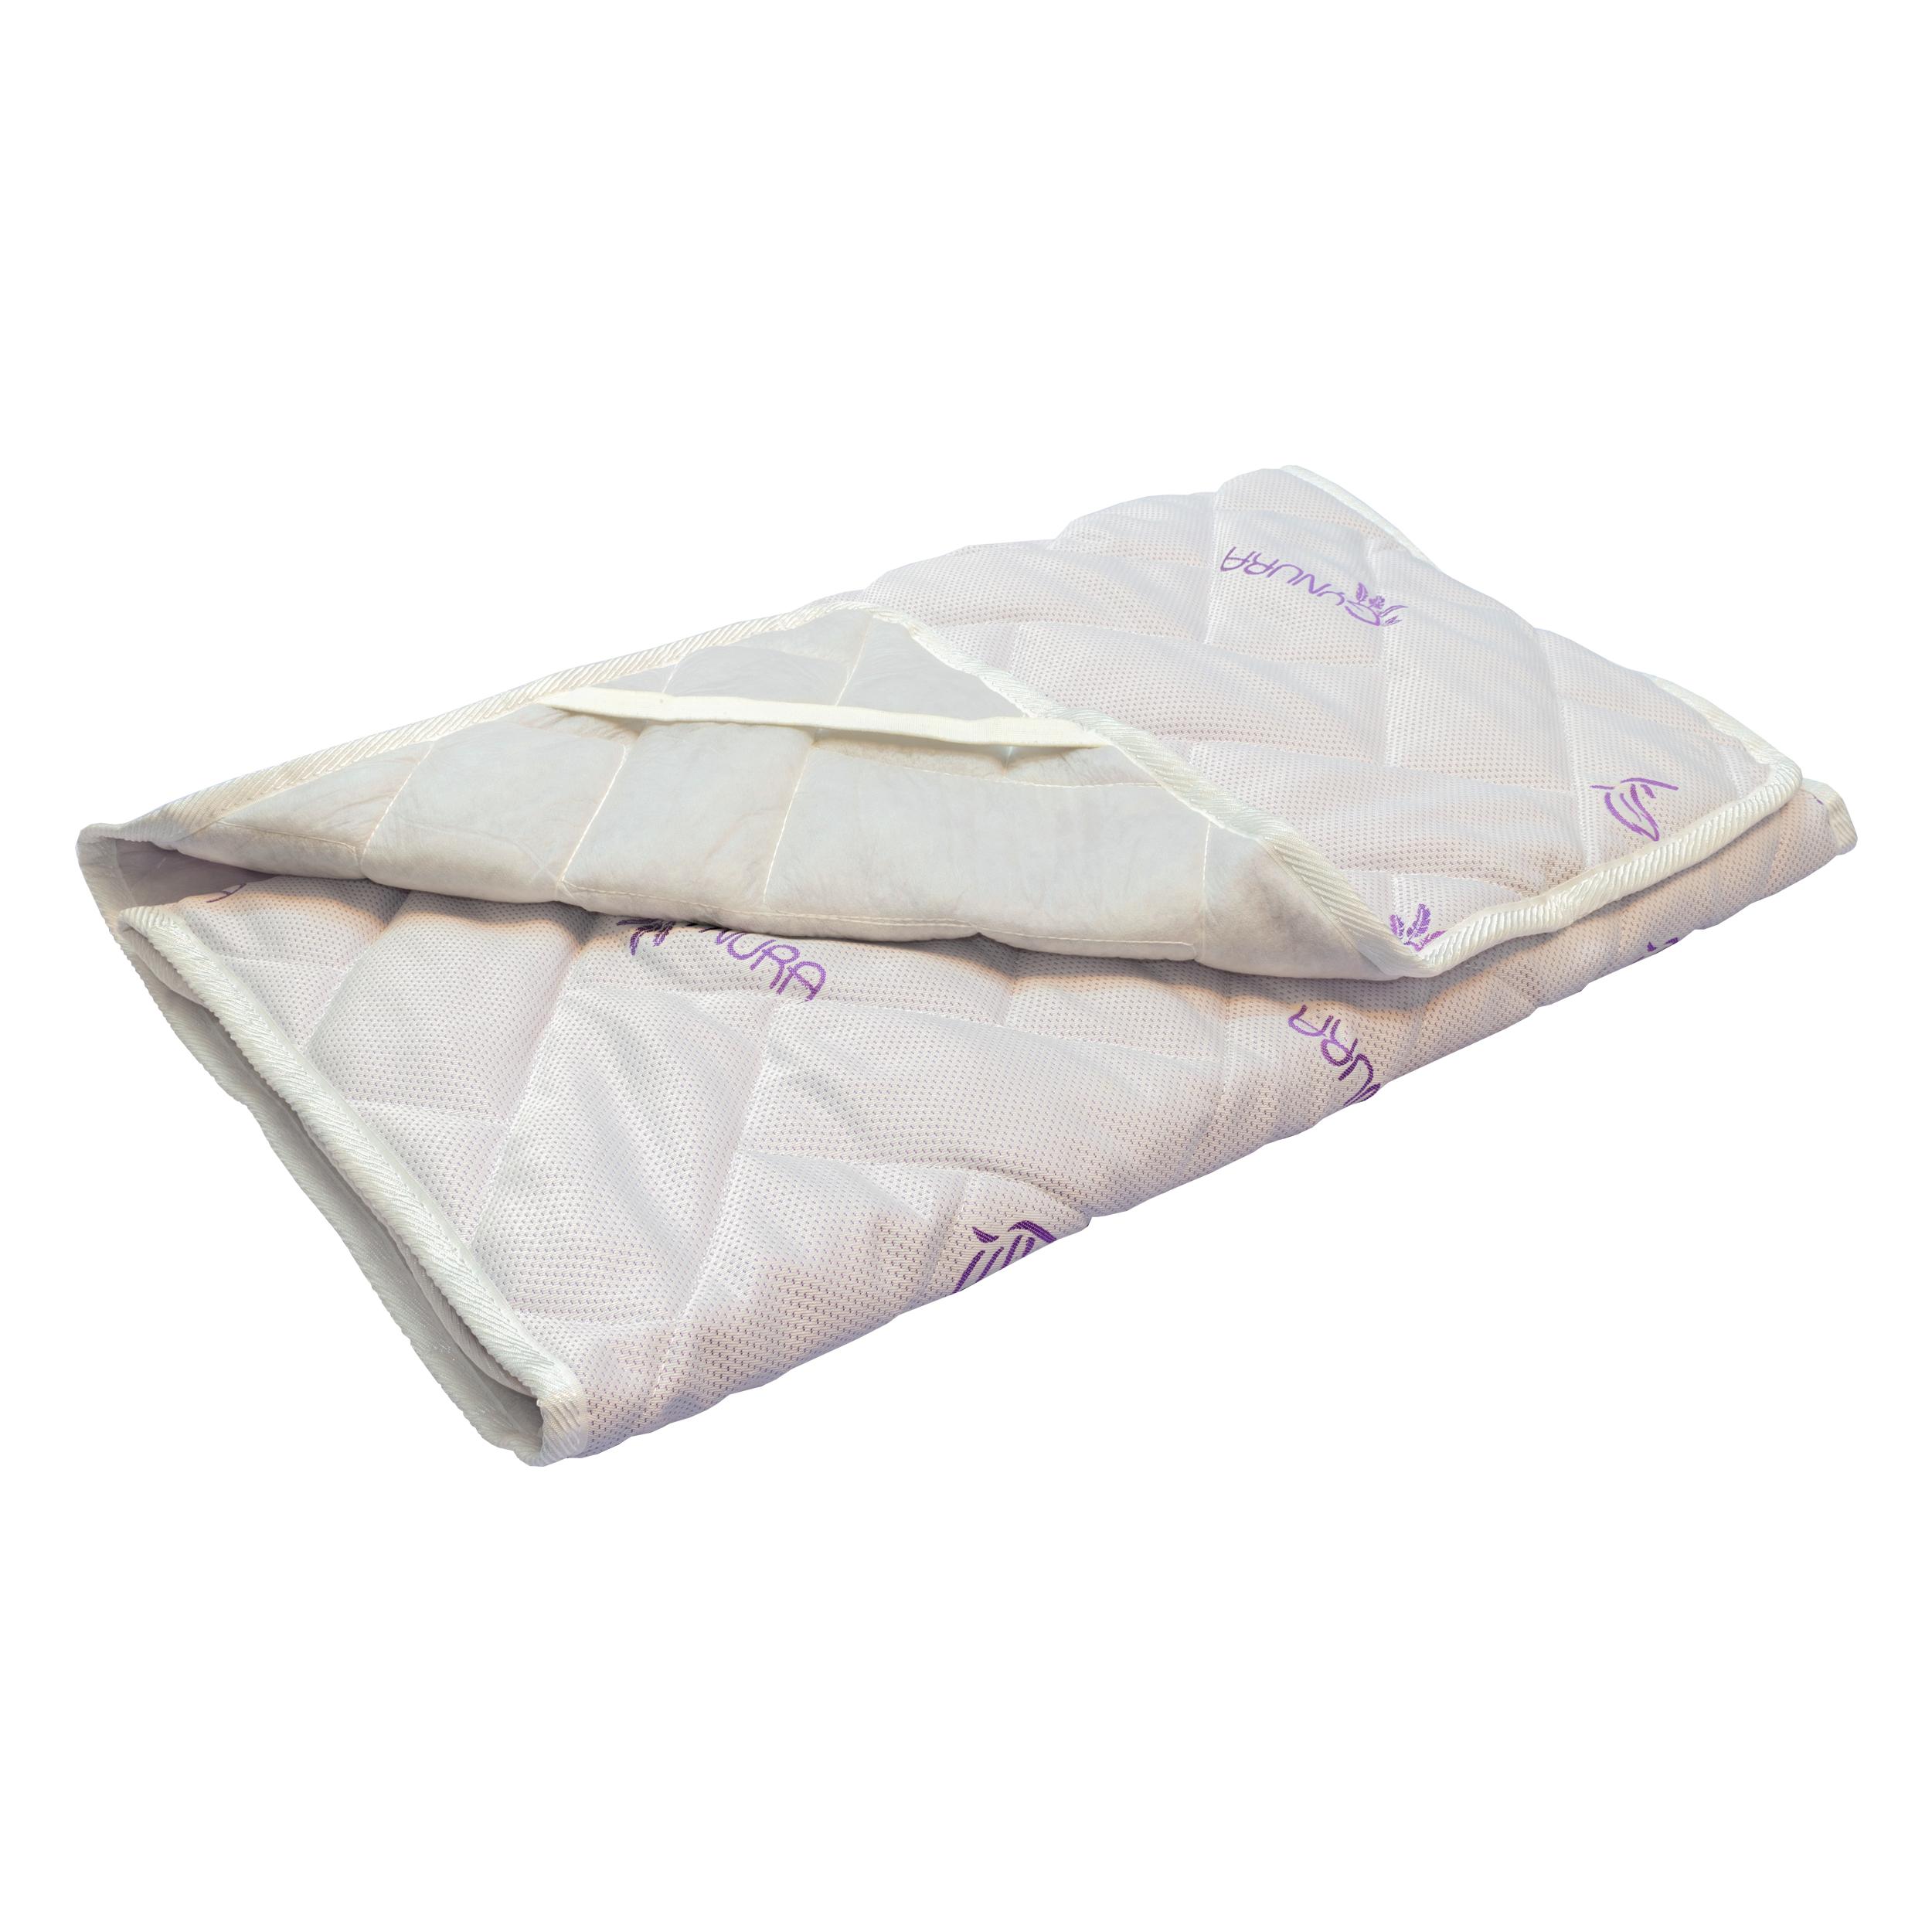 محافظ تشک ژینورا مدل Sleep Plus 80 یکنفره سایز 180×80 سانتیمتر